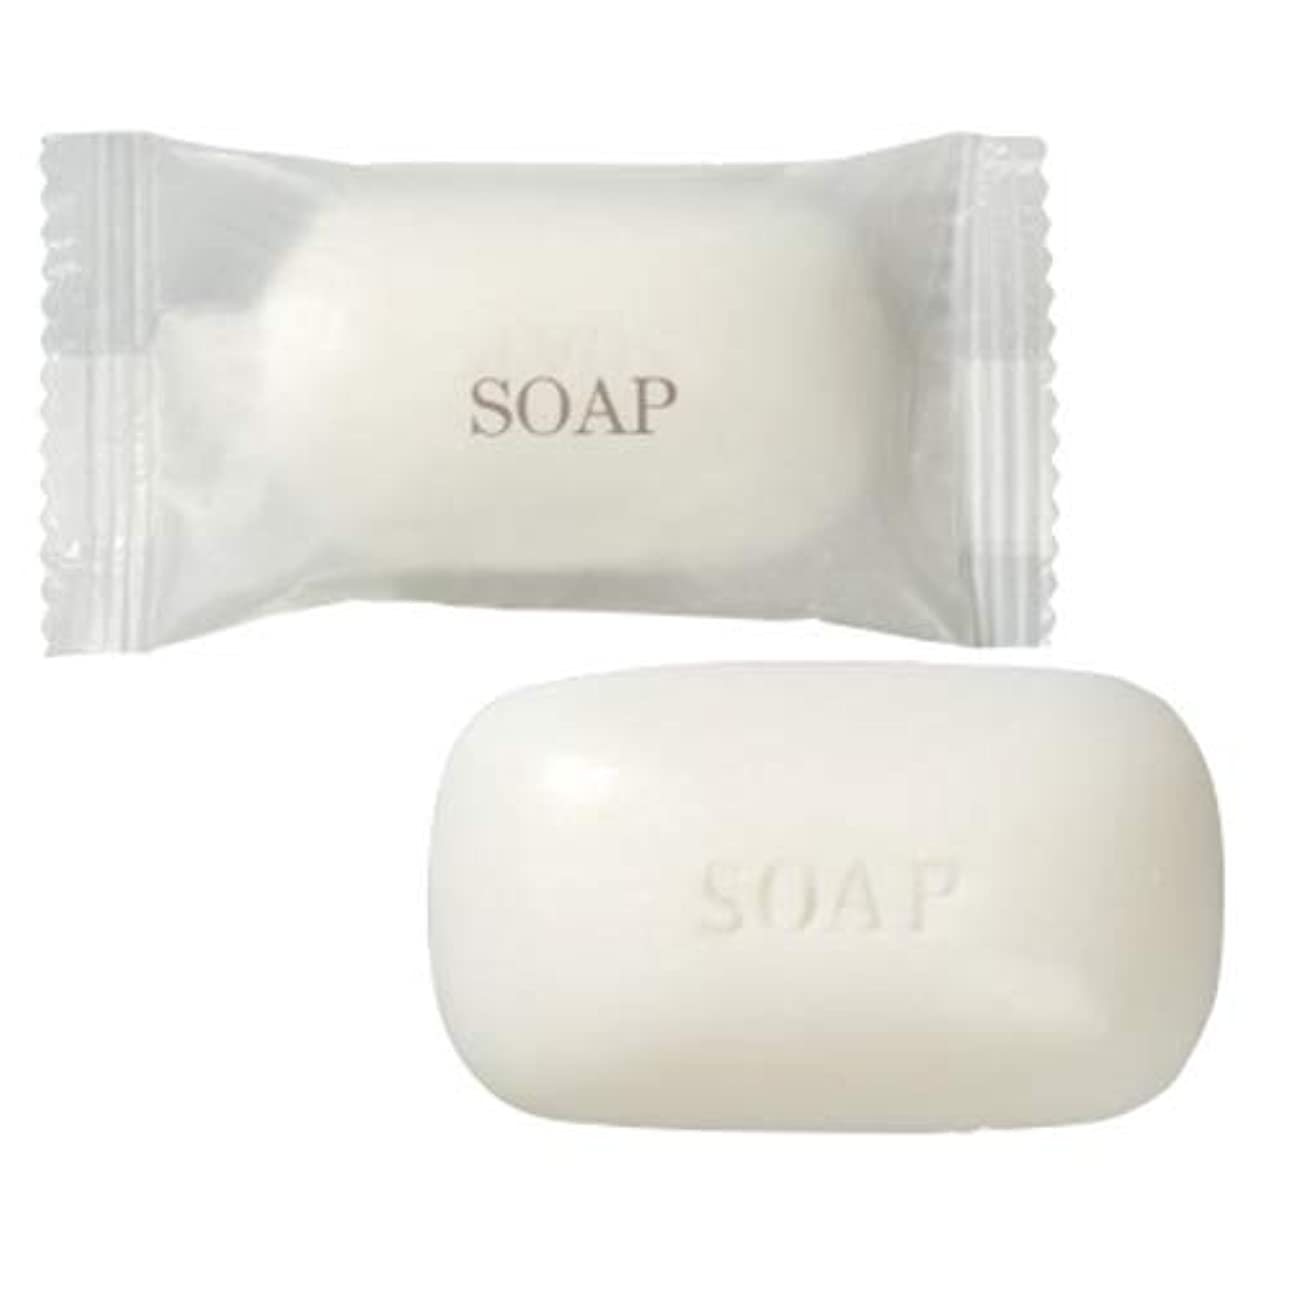 トンネル離婚うつ業務用 フィードソープ(FEED SOAP) マット袋(M袋) 15g ×200個 | ホテルアメニティ 個包装